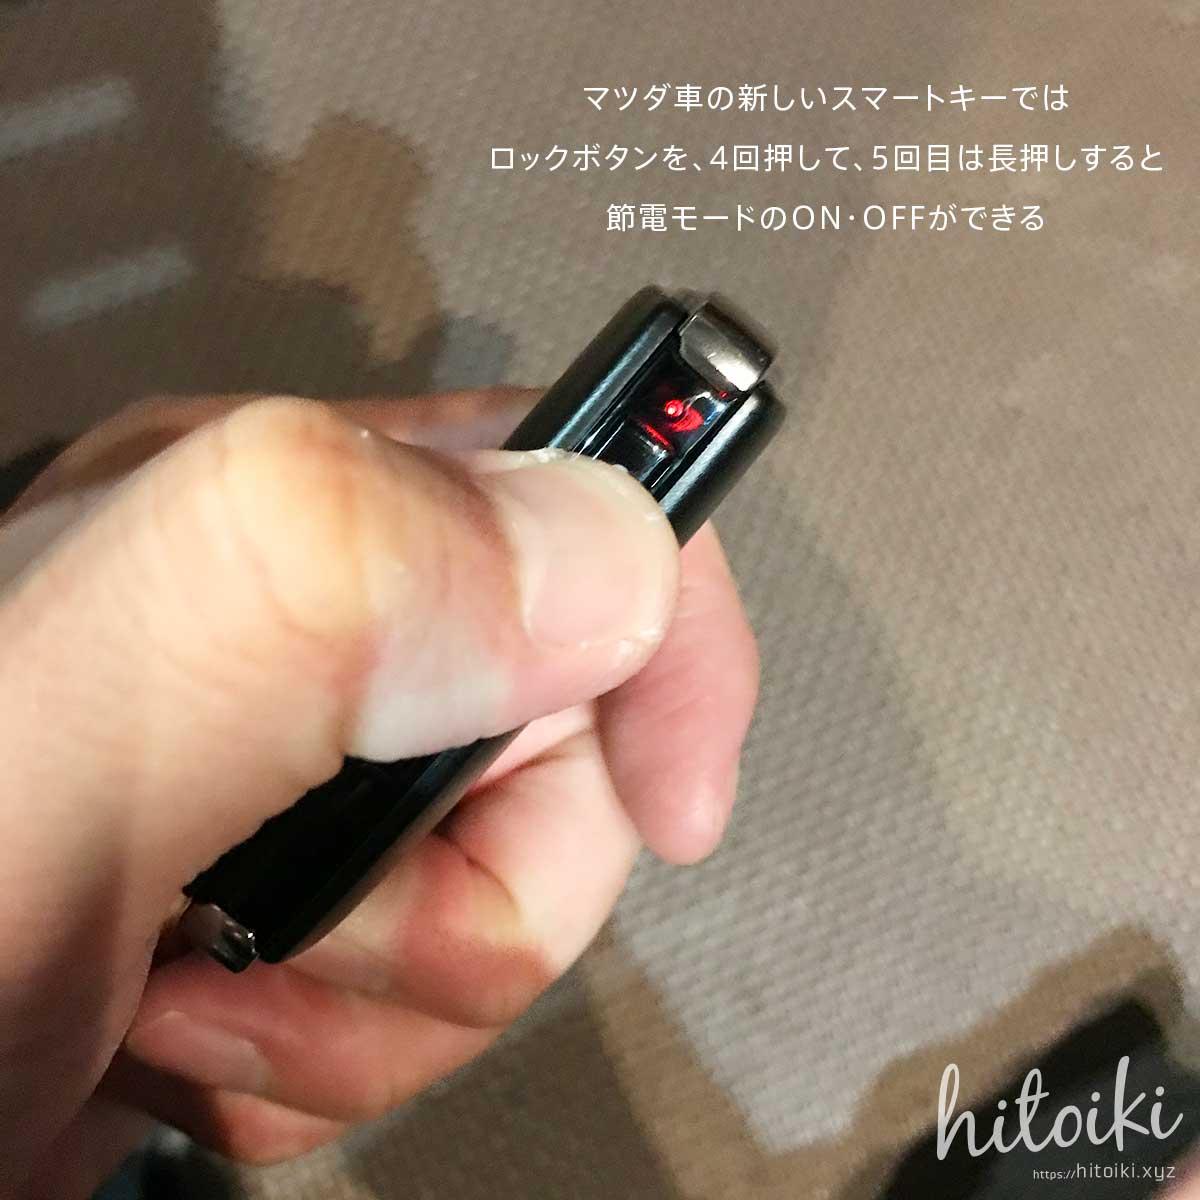 マツダ車のセキュリティ対策!スマートキーを節電モードにしてCX-8やCX-5の盗難防止方法をまとめた mazda-smart-key-power-saving_img_4973